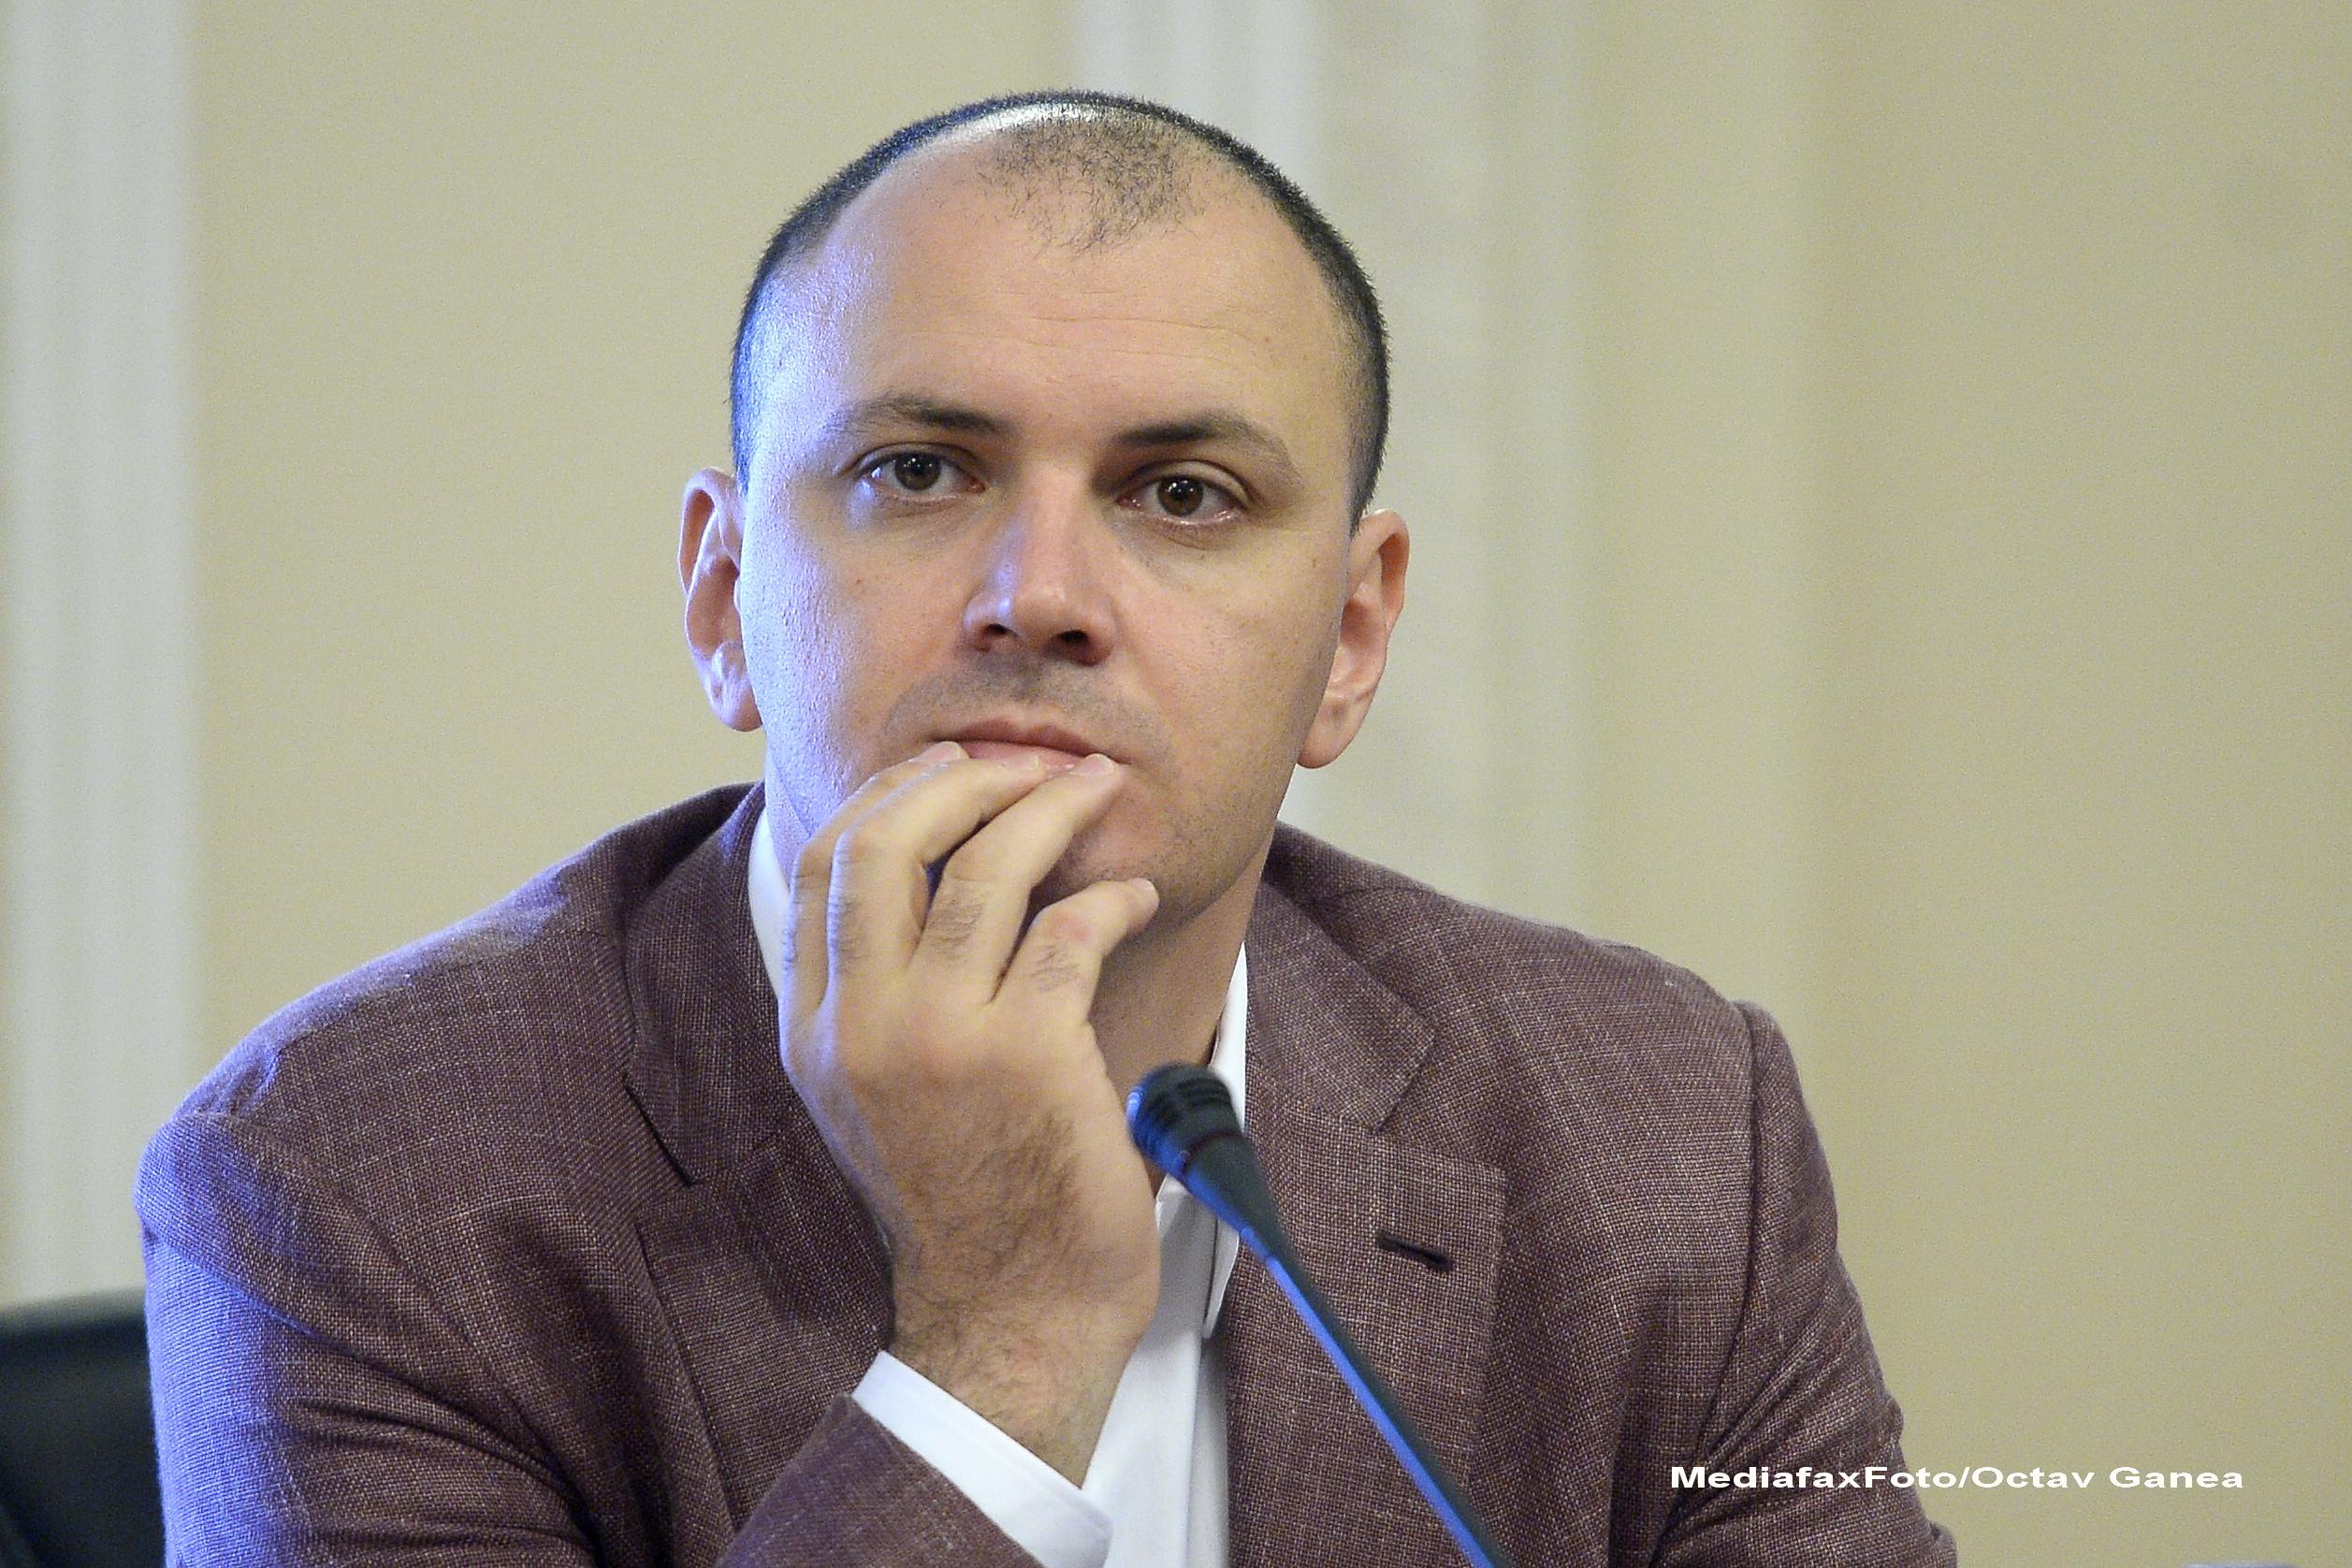 Deputatul PSD Sebastian Ghita cere ca Dan Sova si Viorel Hrebenciuc sa fie suspendati din partid